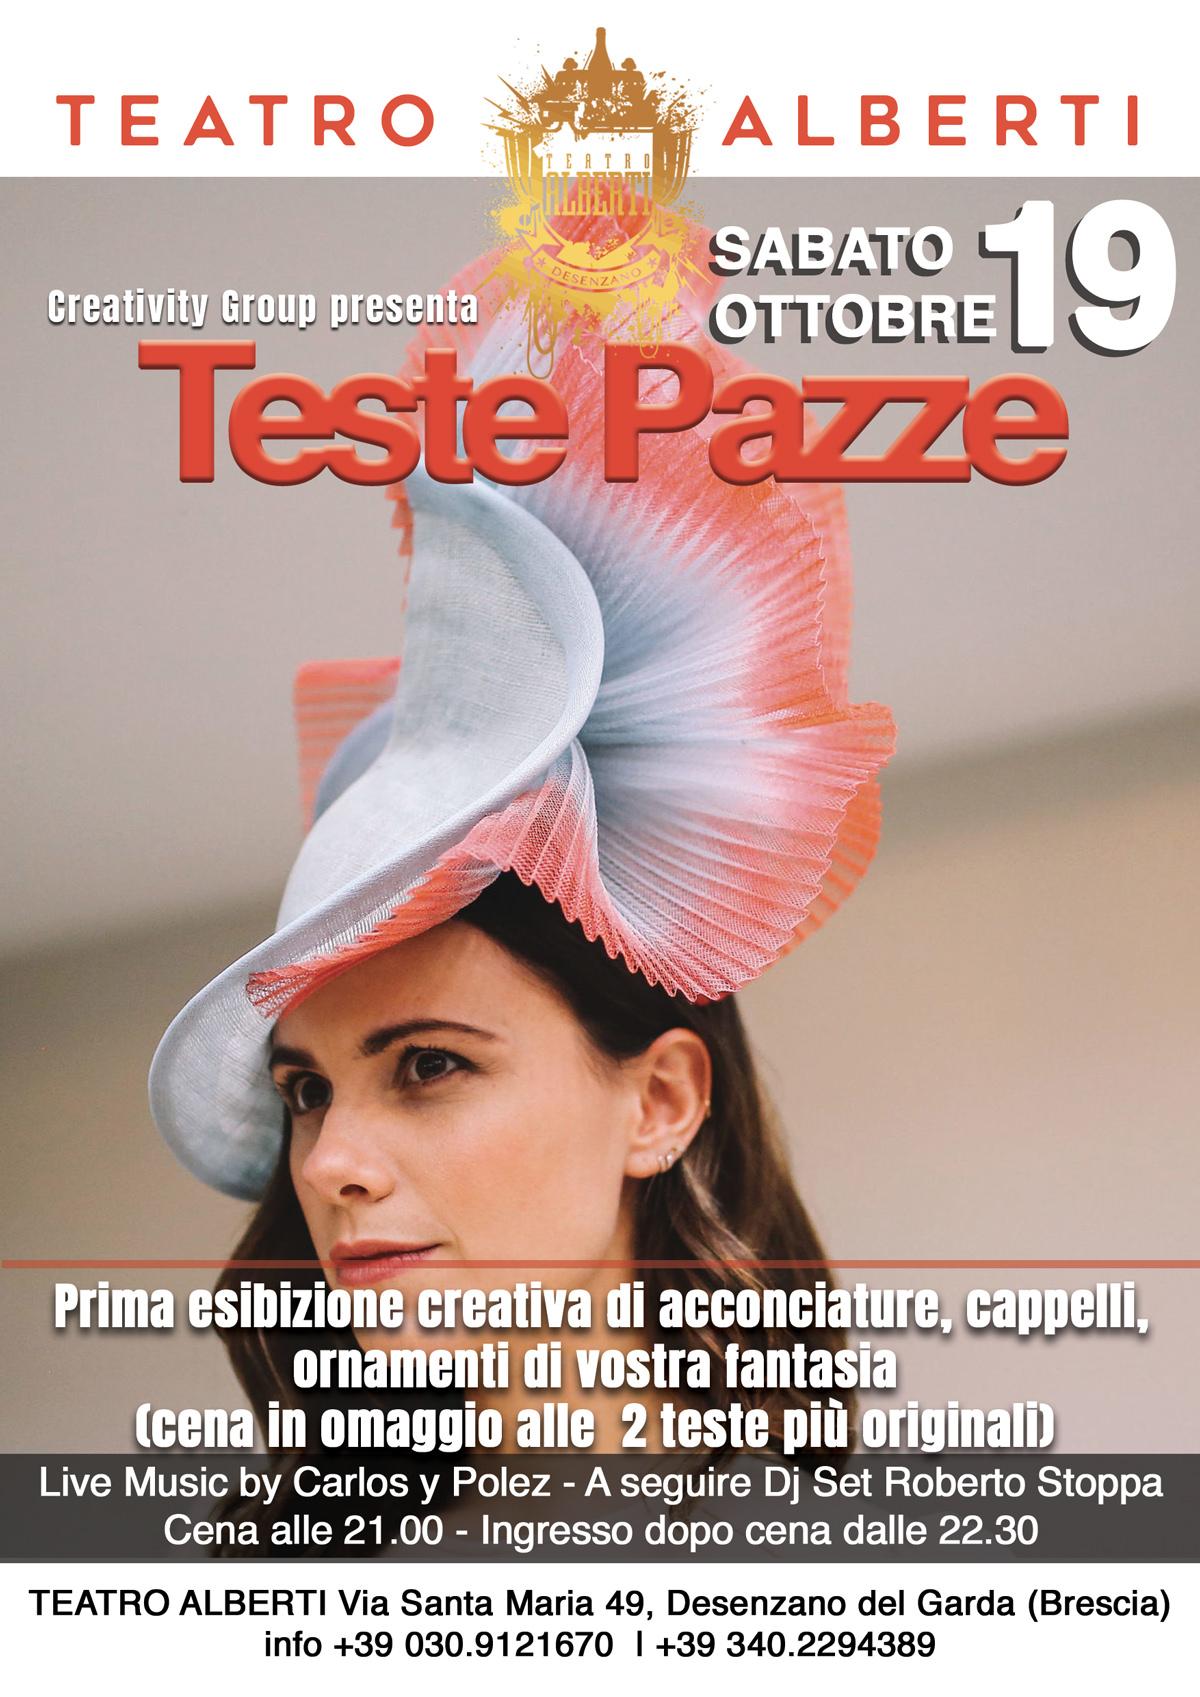 teatro-alberti-locandina-14-ottobre-2019